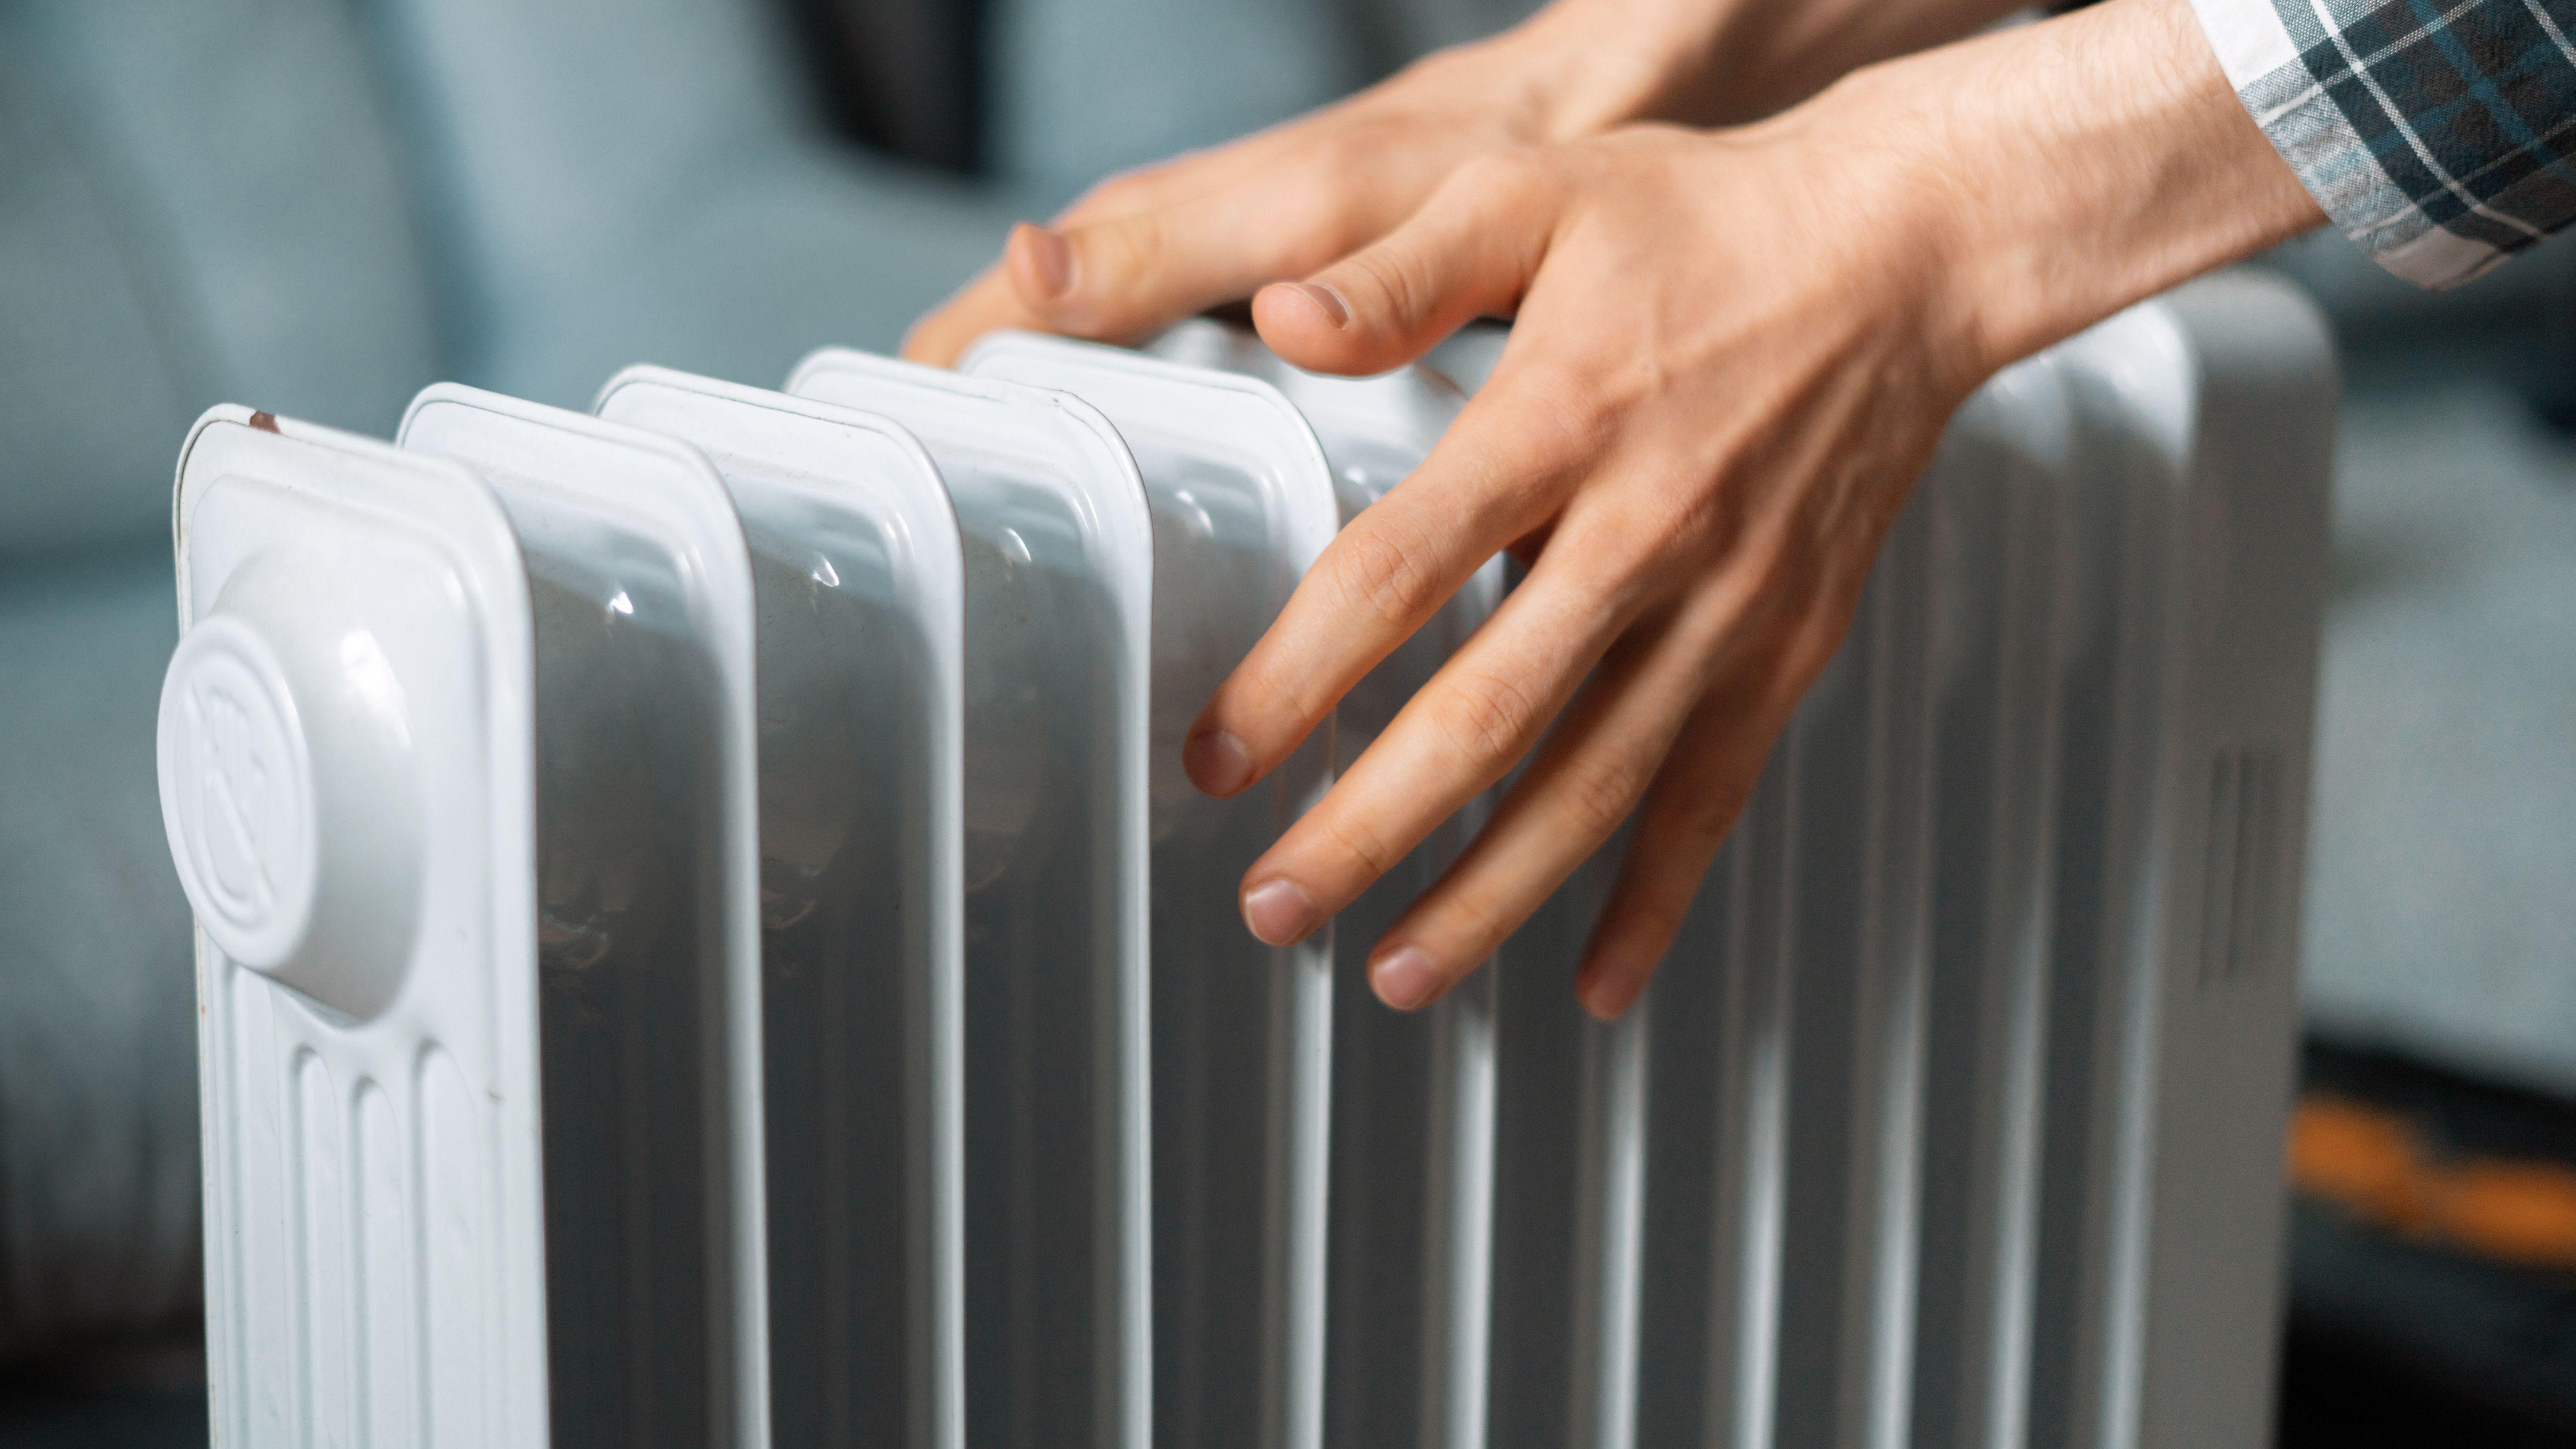 Comment choisir un radiateur bain d'huile ?